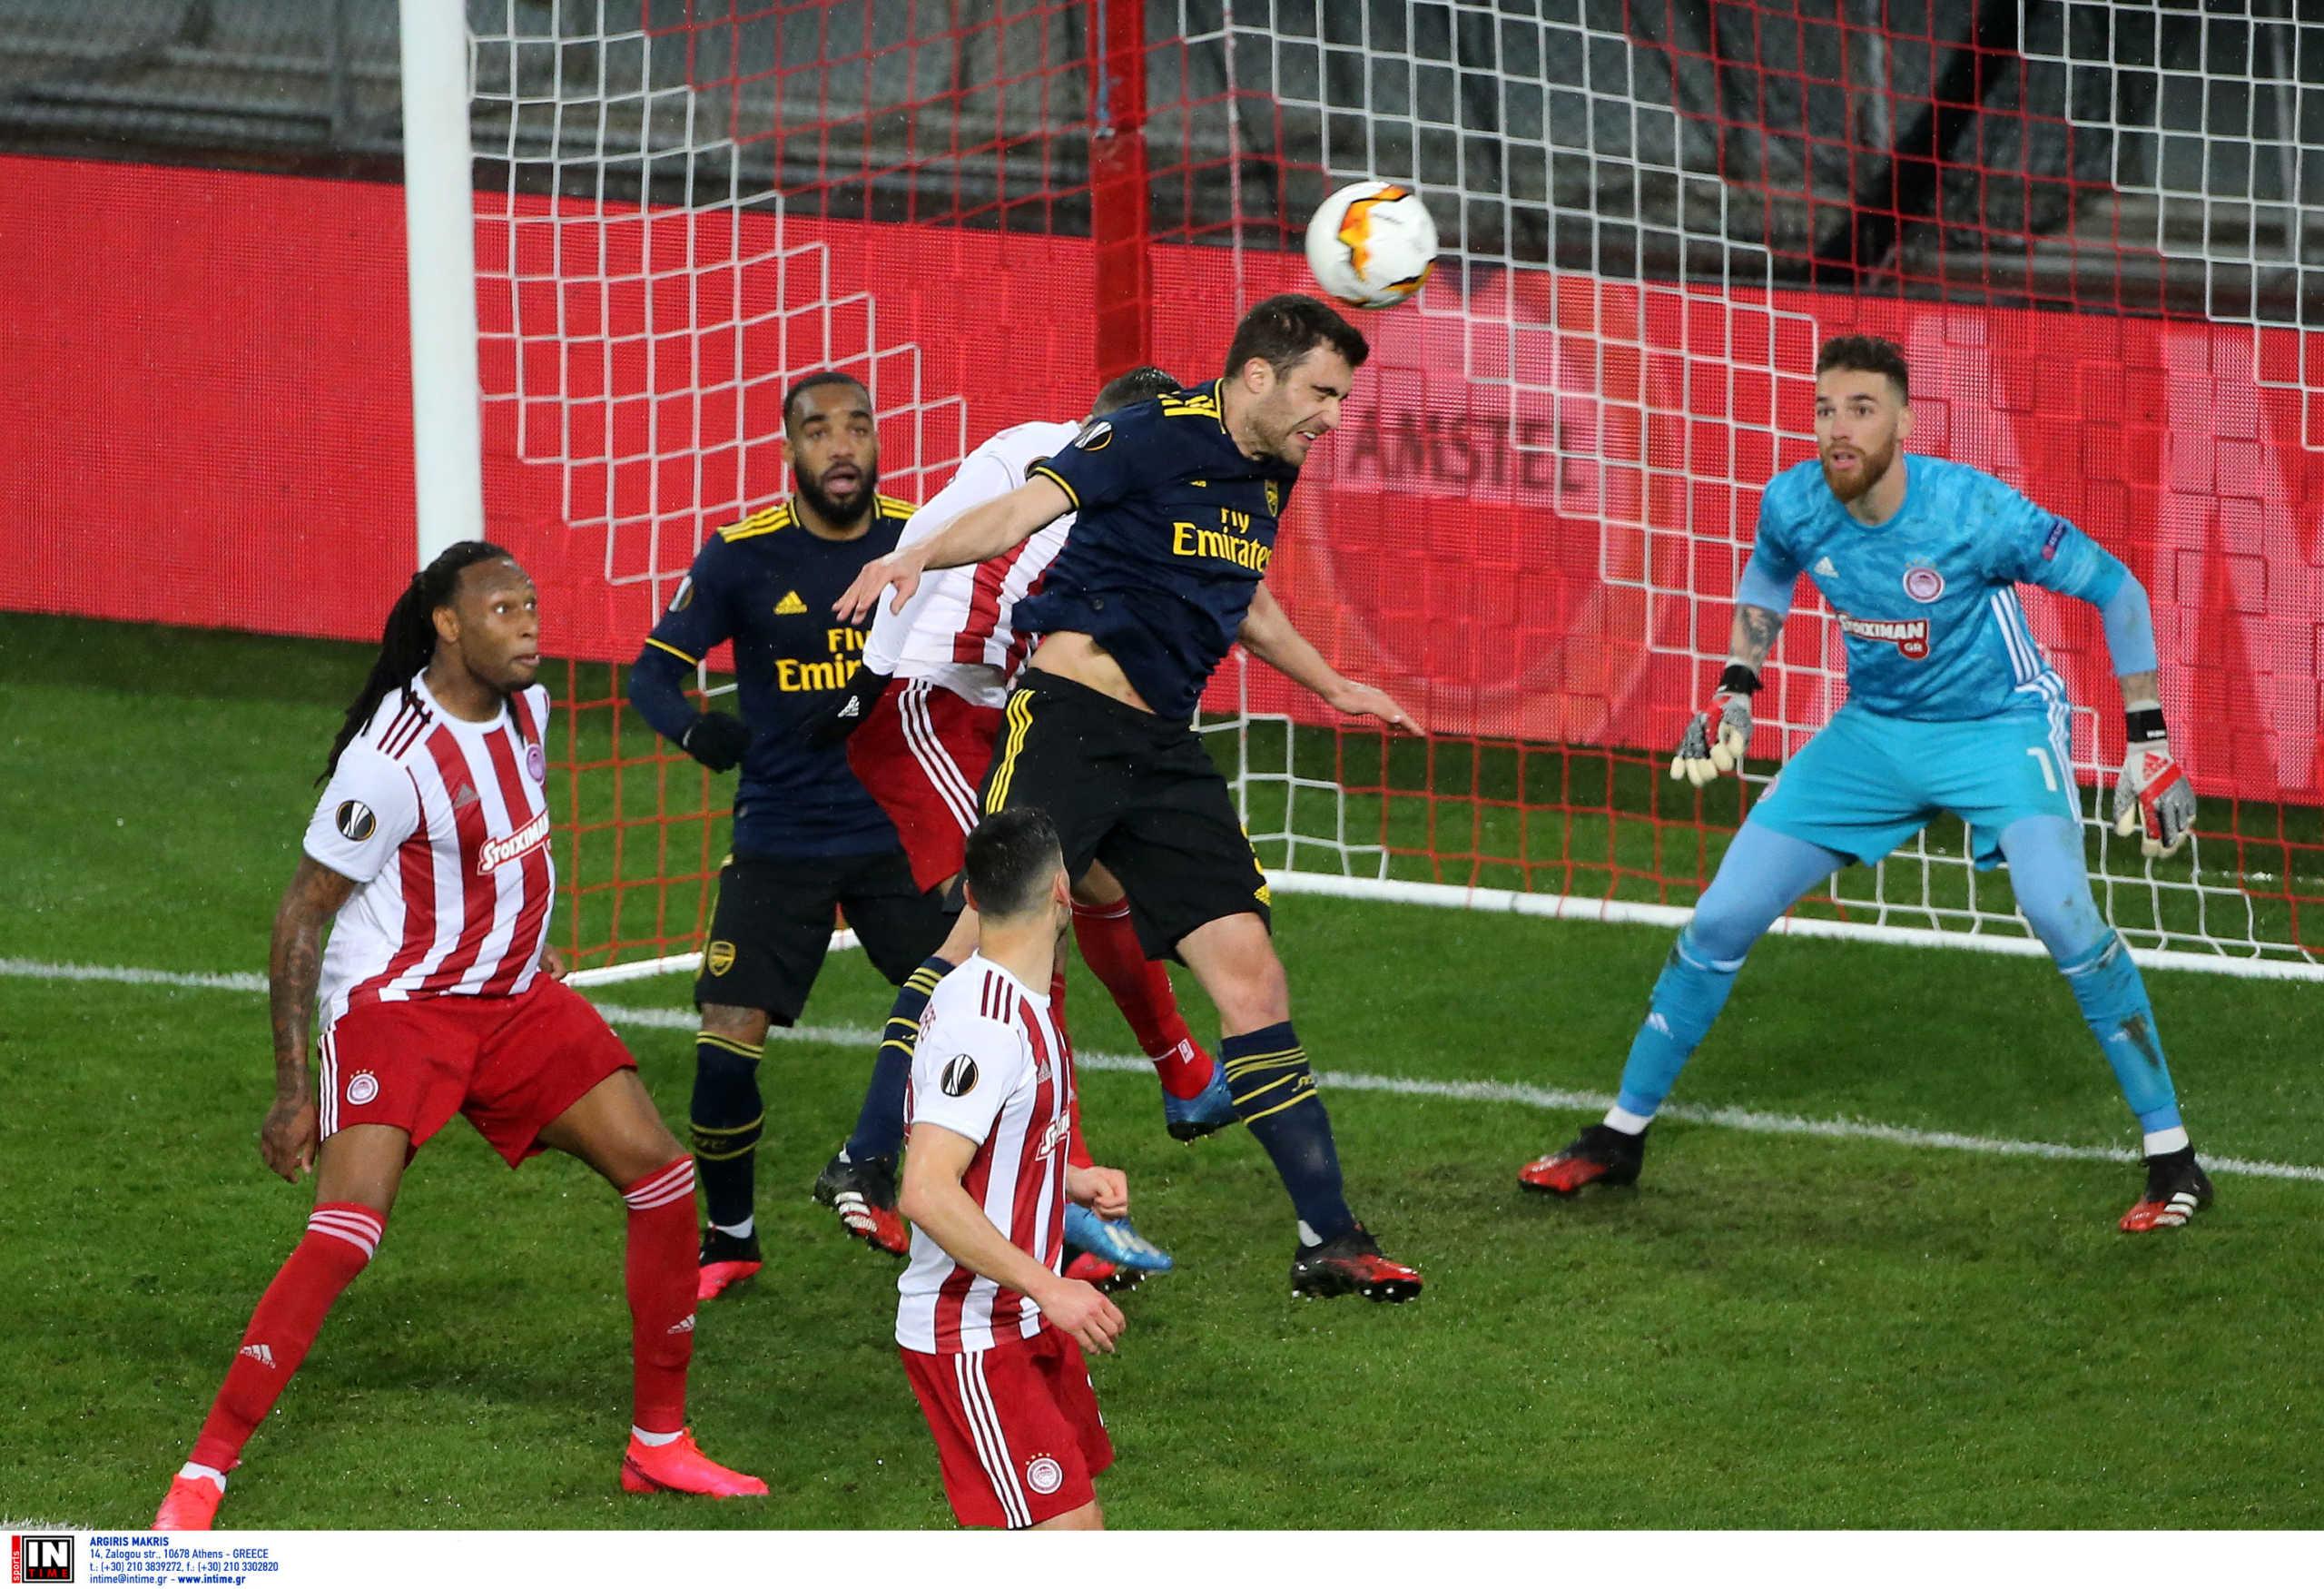 """Ολυμπιακός – Άρσεναλ 0-1 ΤΕΛΙΚΟ: Πάλεψε, αλλά ηττήθηκε στο """"Καραϊσκάκης"""